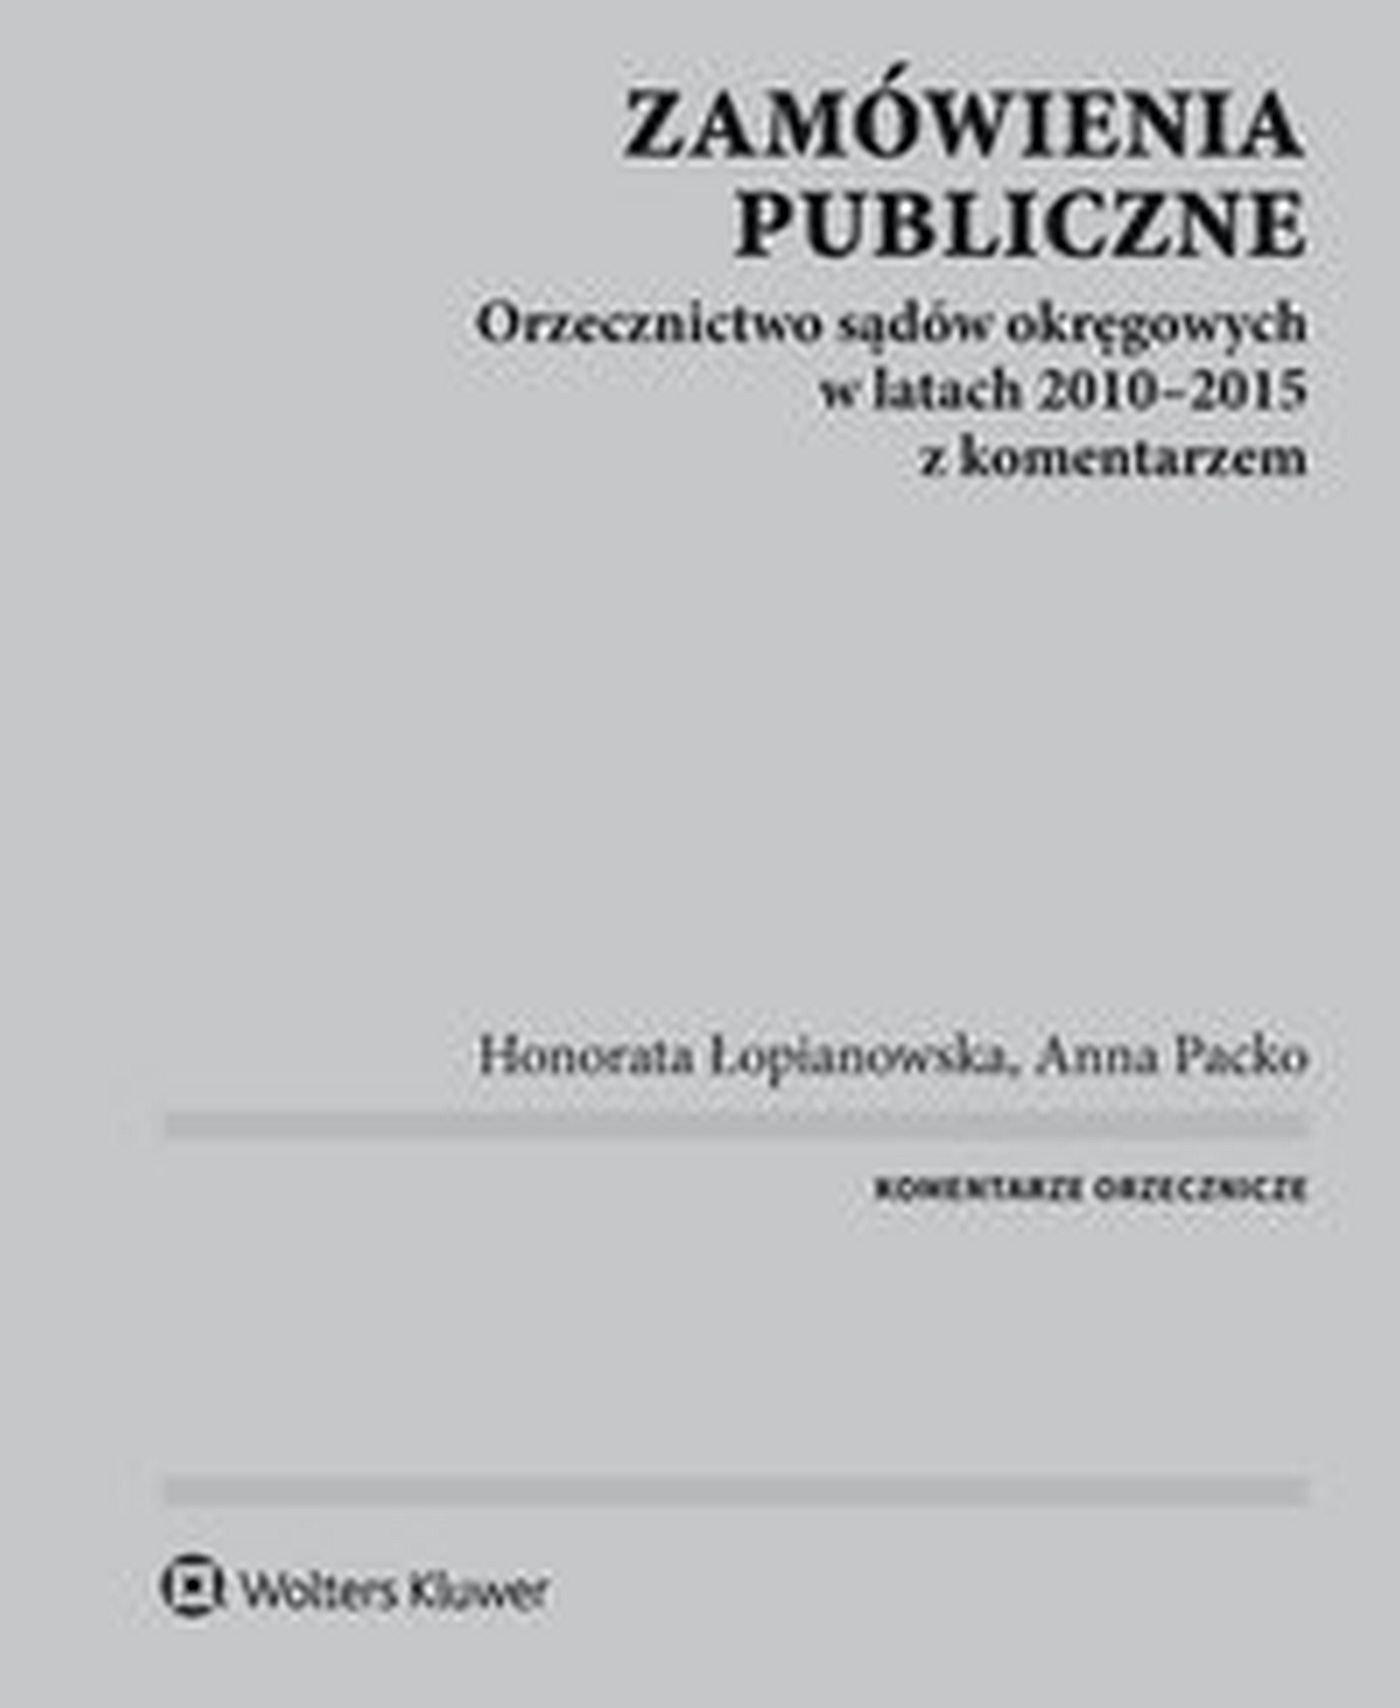 Zamówienia publiczne. Orzecznictwo sądów okręgowych w latach 2010-2015 z komentarzem - Ebook (Książka EPUB) do pobrania w formacie EPUB